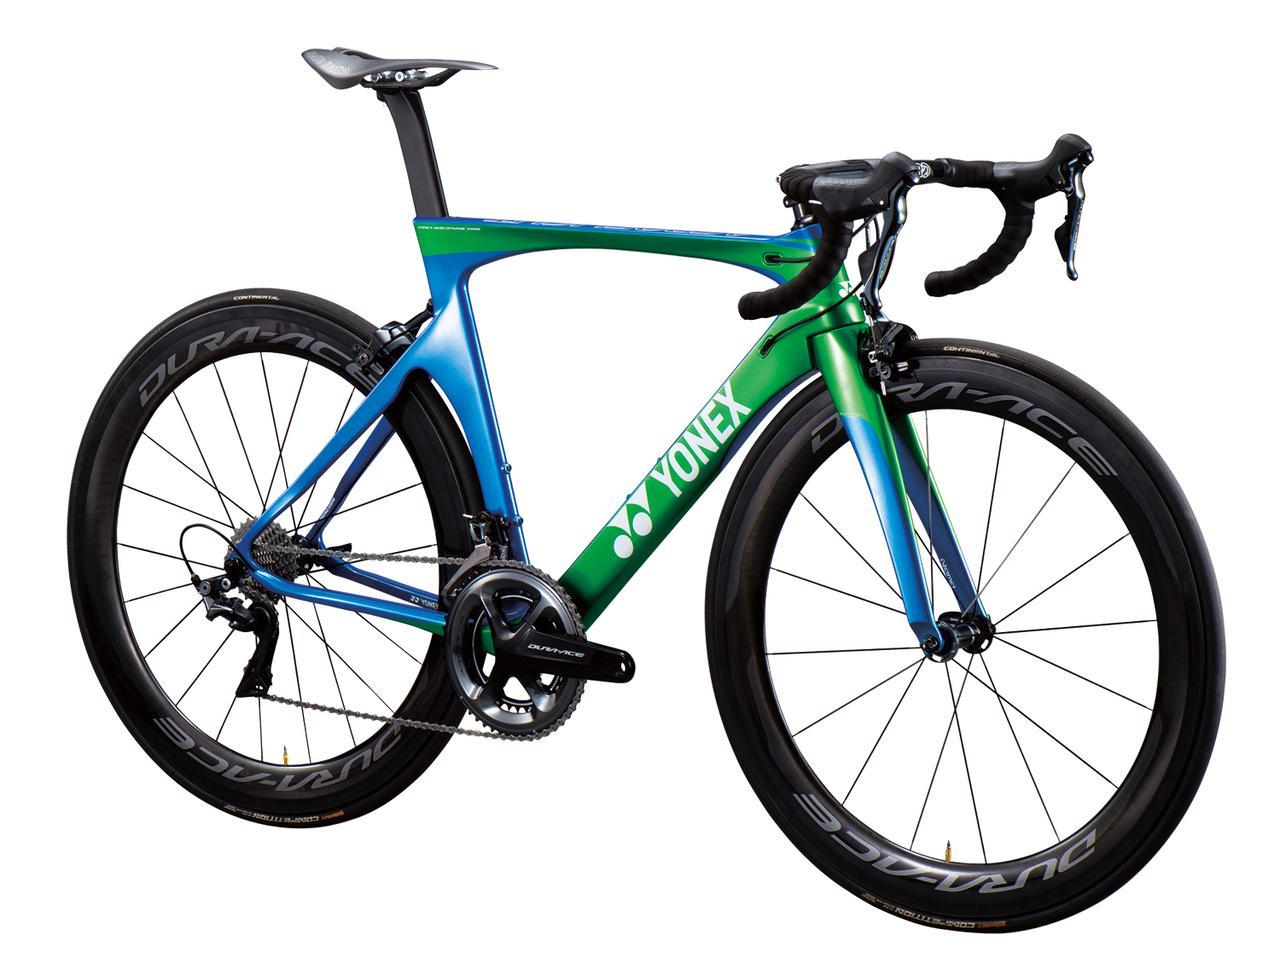 画像1: ヨネックスの自転車 カーボンエアロロードバイクフレーム「AEROFLIGHT」(エアロフライト)の性能と価格